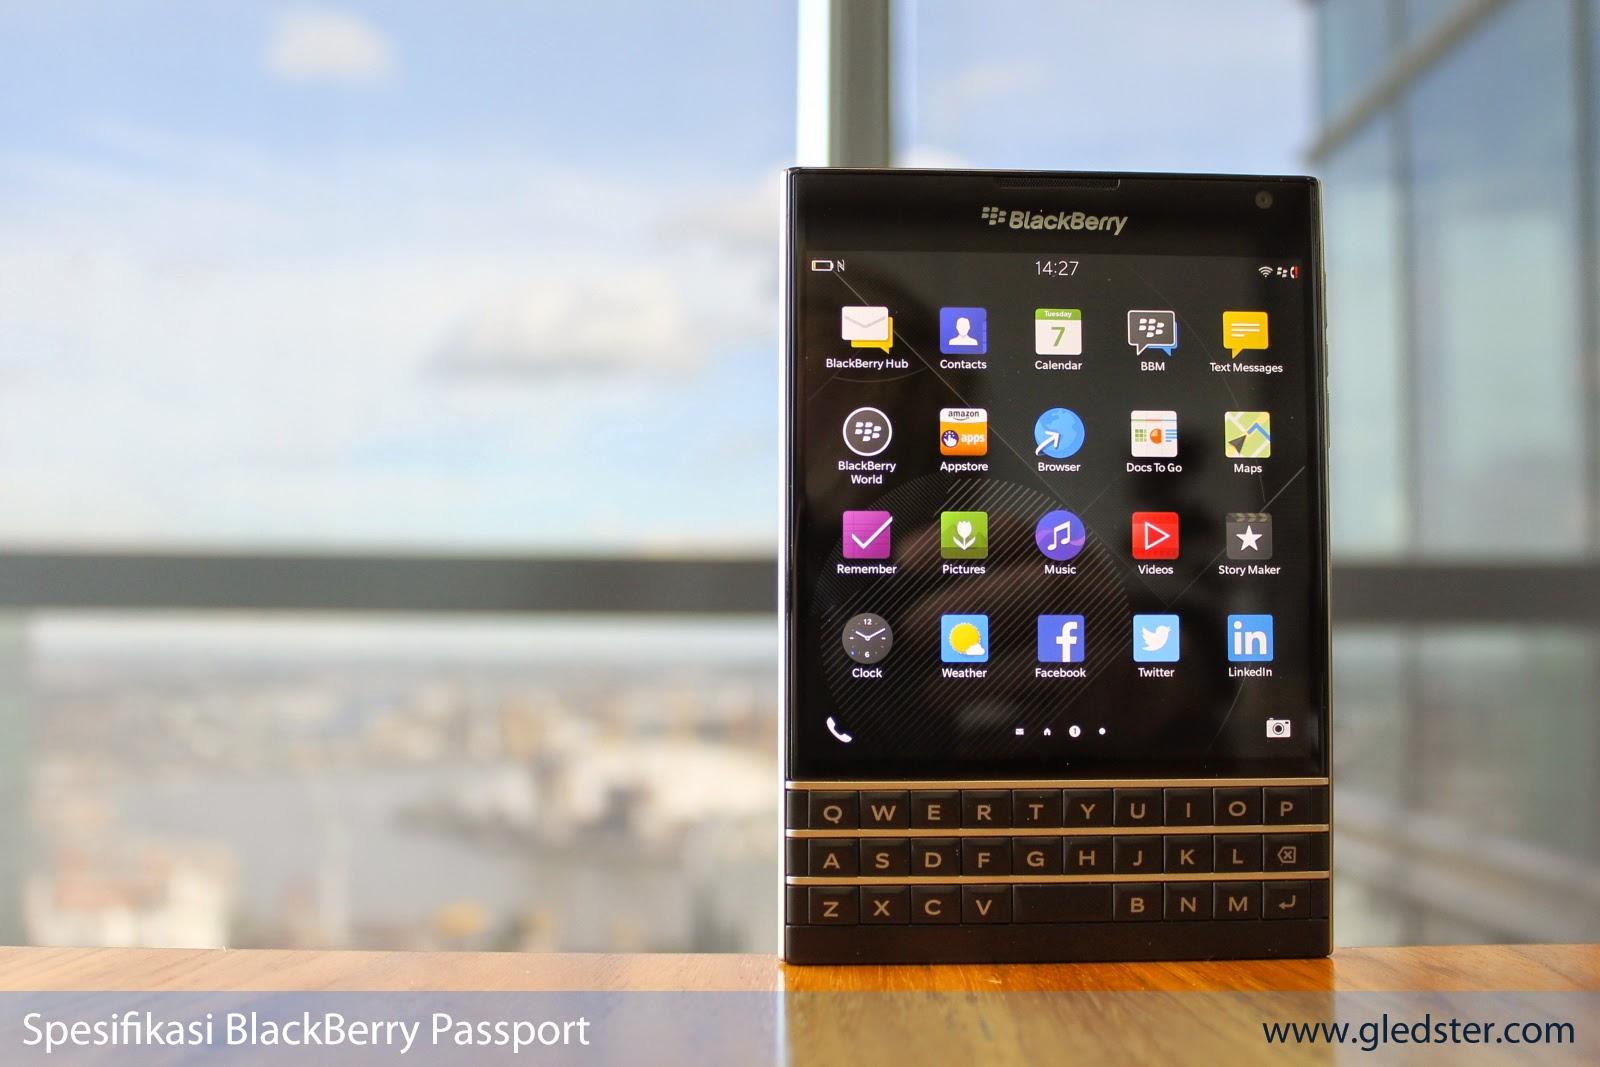 Spesifikasi BlackBerry Passport